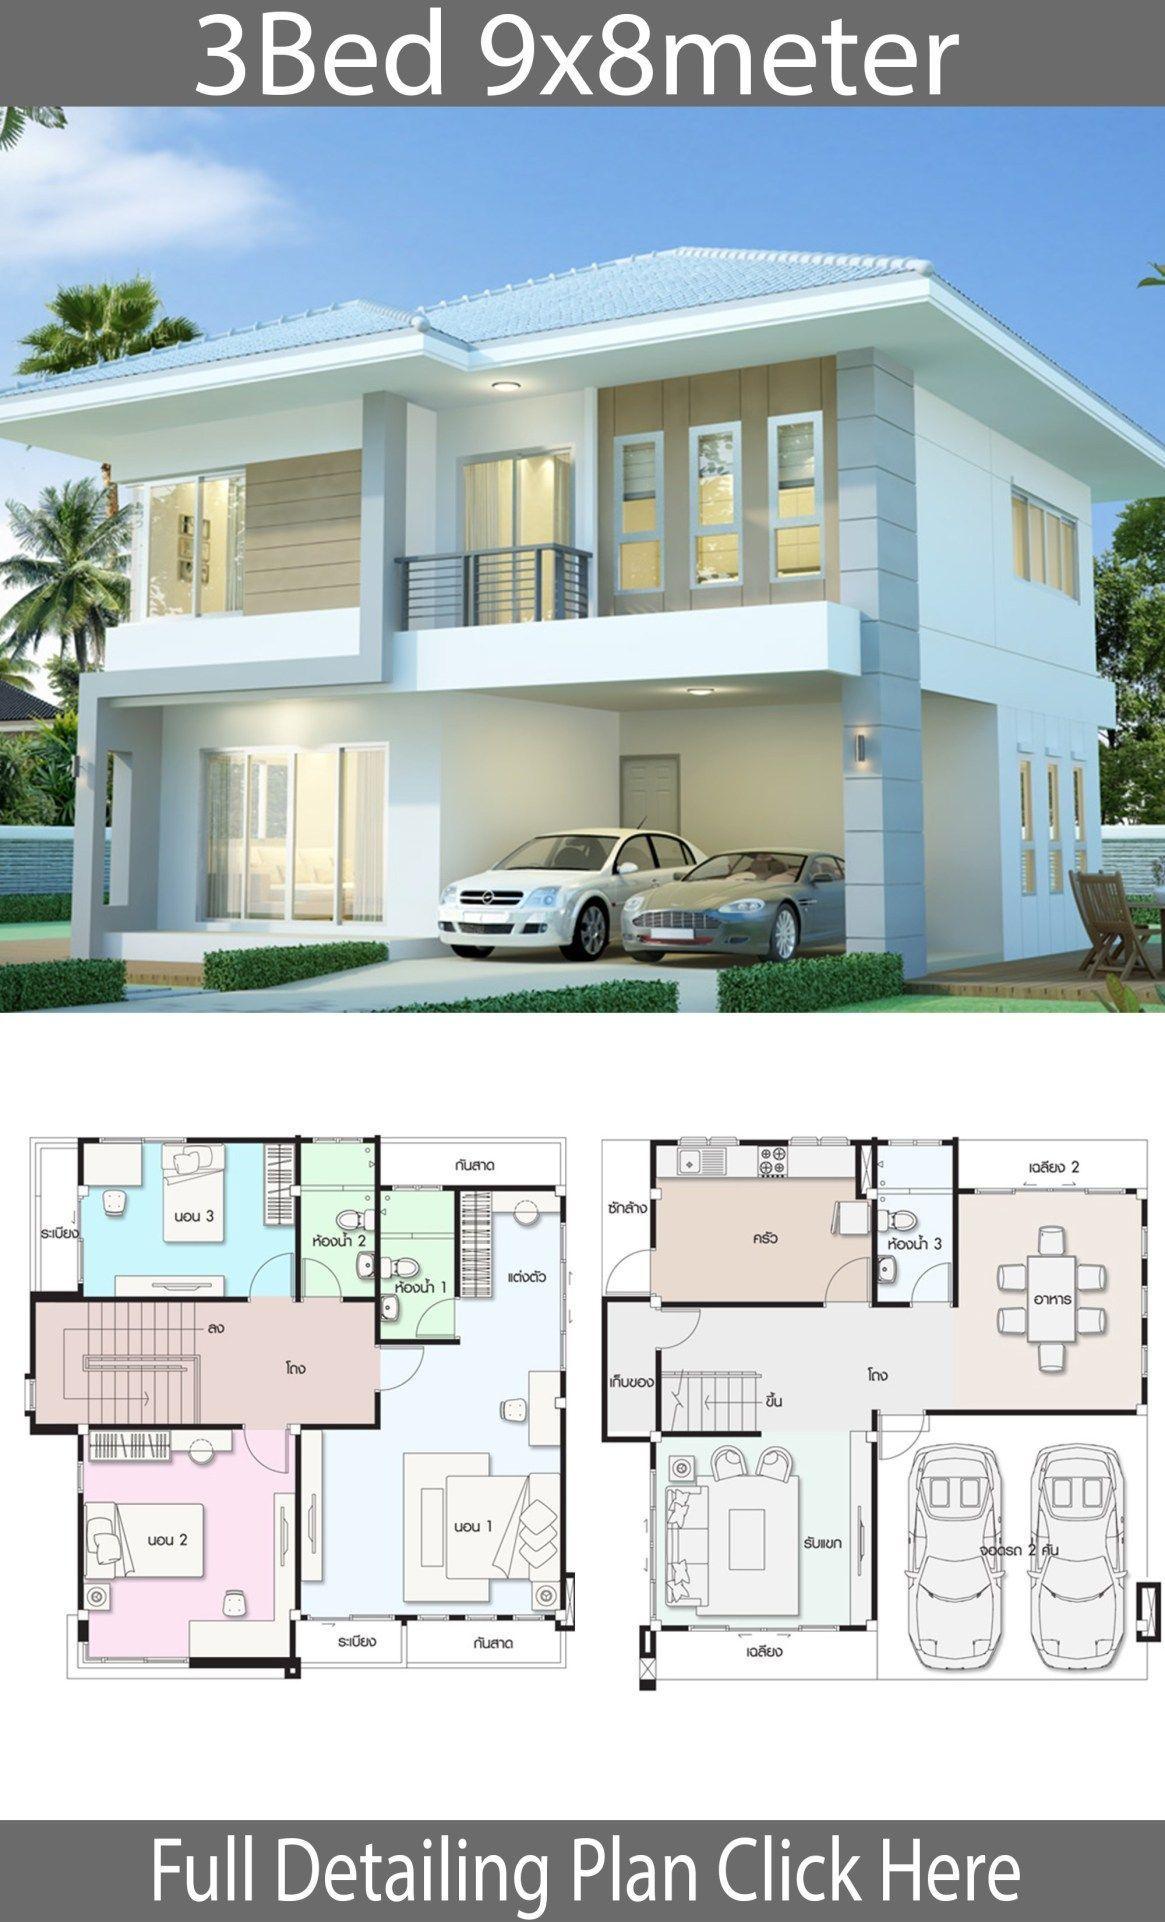 Telecharger Votre Guide Gratuit Sur L Installation Electrique Plan De Maison Villa Plan Maison Architecte Plan Maison Moderne